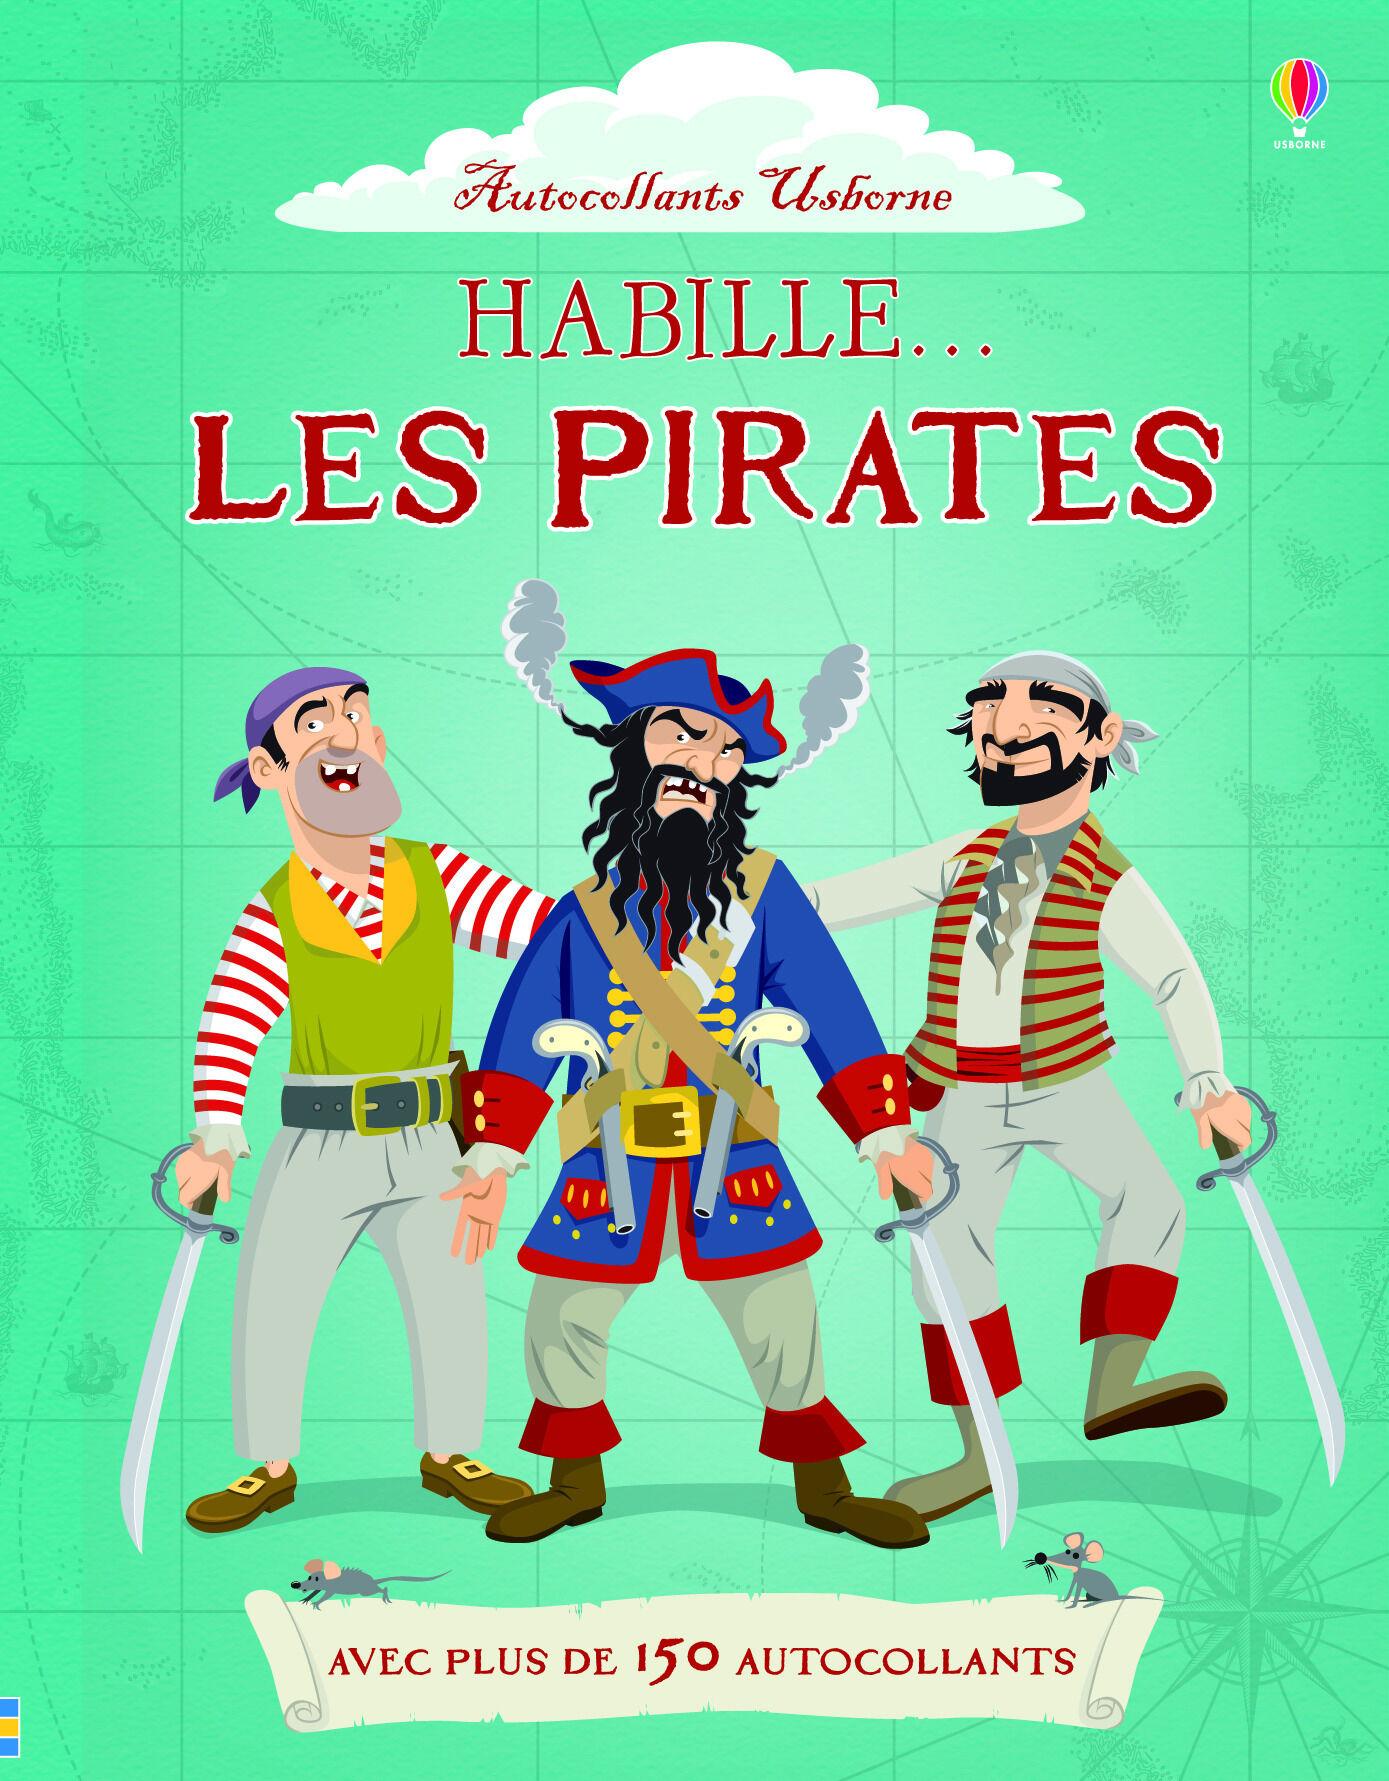 Habille... les pirates - autocollants